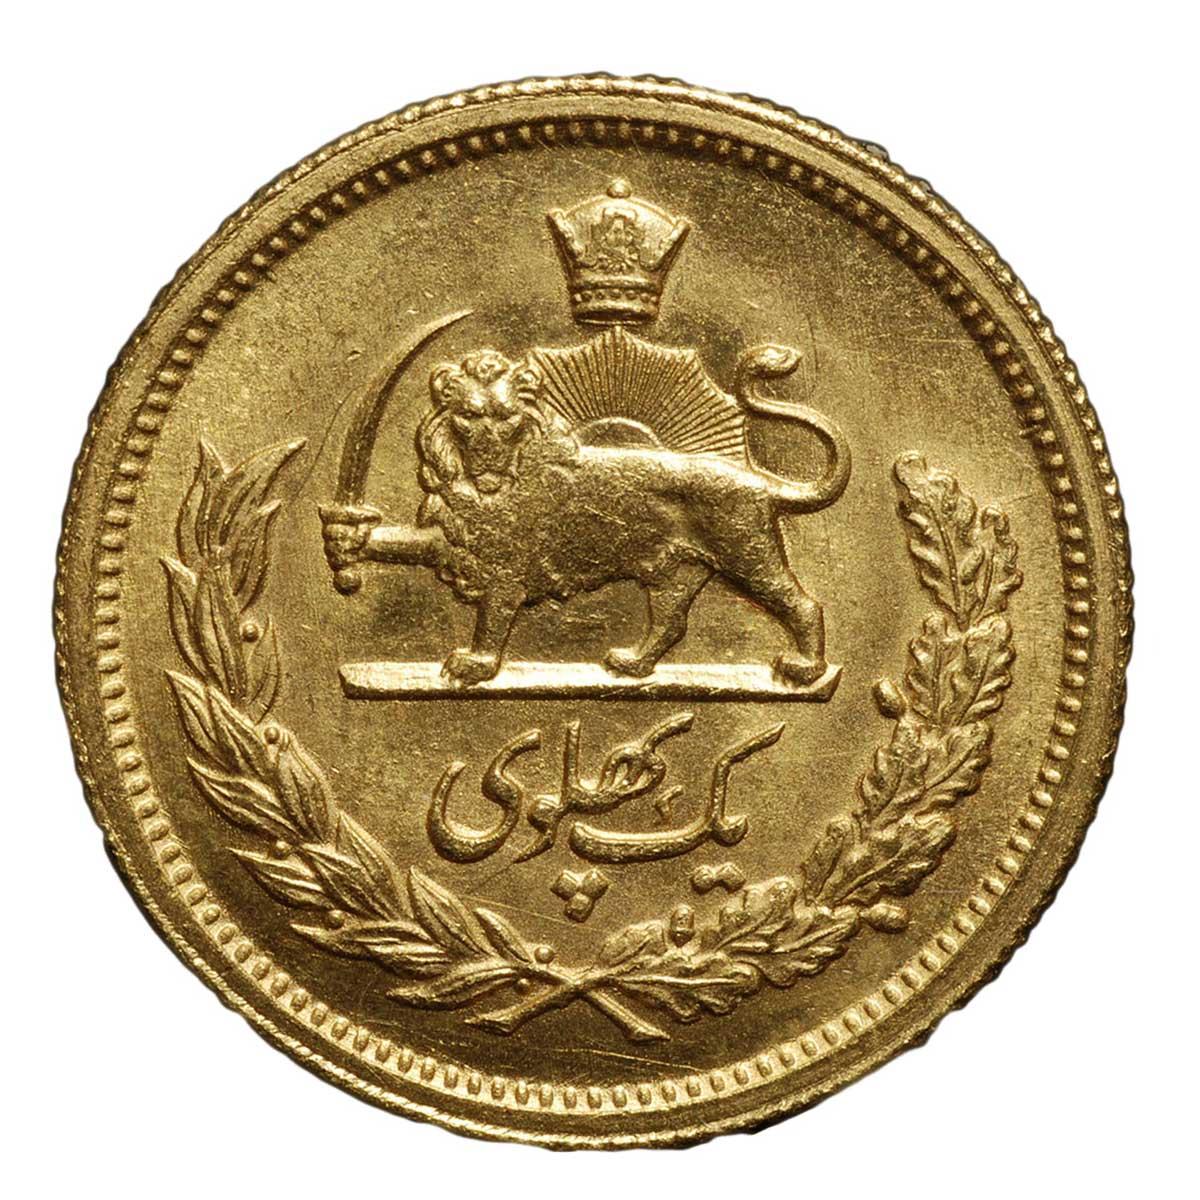 Moneta d'oro dell'ultimo Scià di Persia Reza Pahlavi